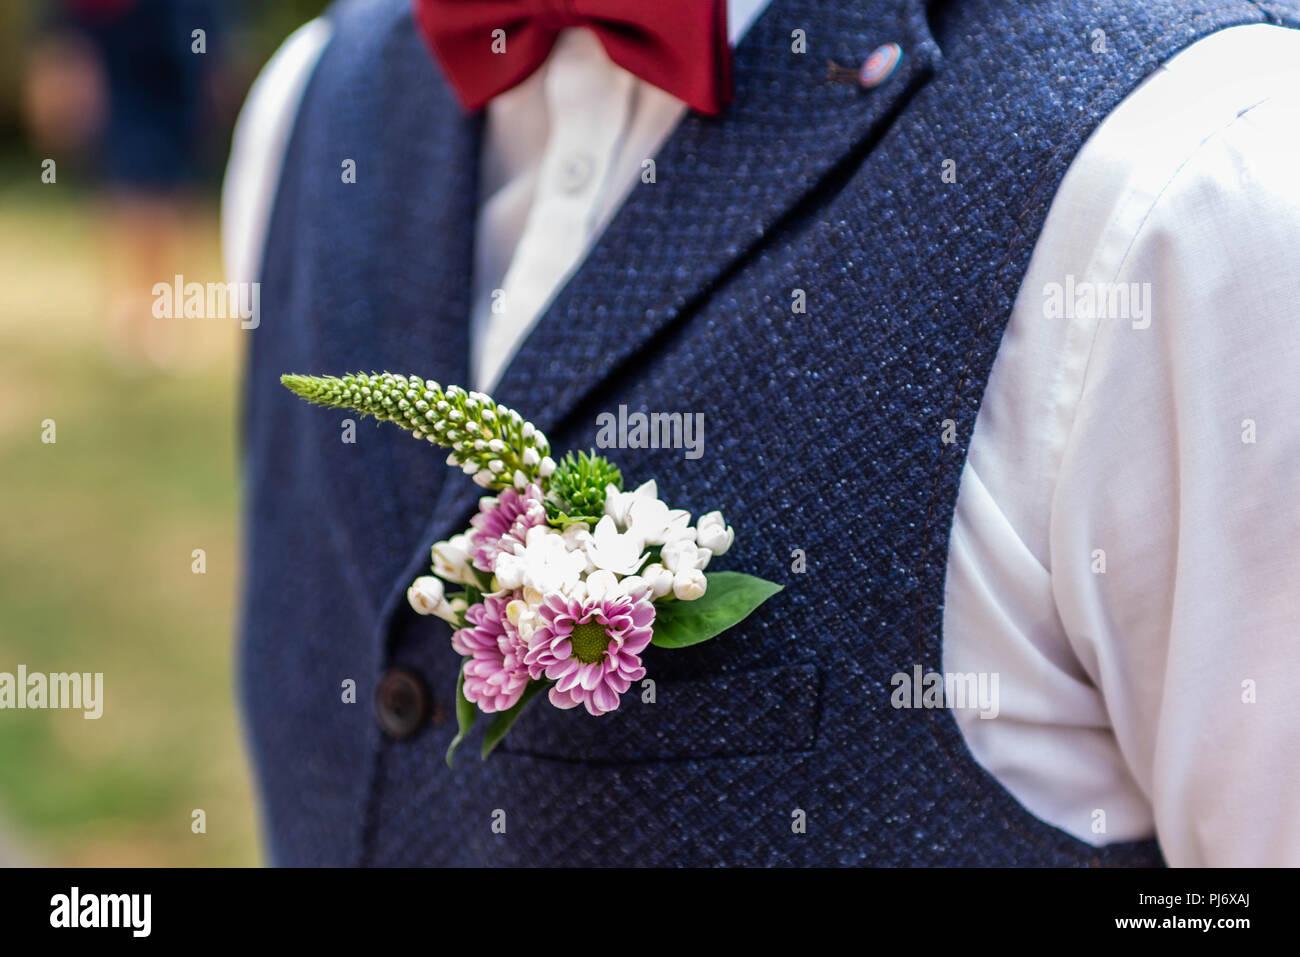 Rosa Blumen Blume Anstecker Brautigam Hochzeit Mantel Mit Weste